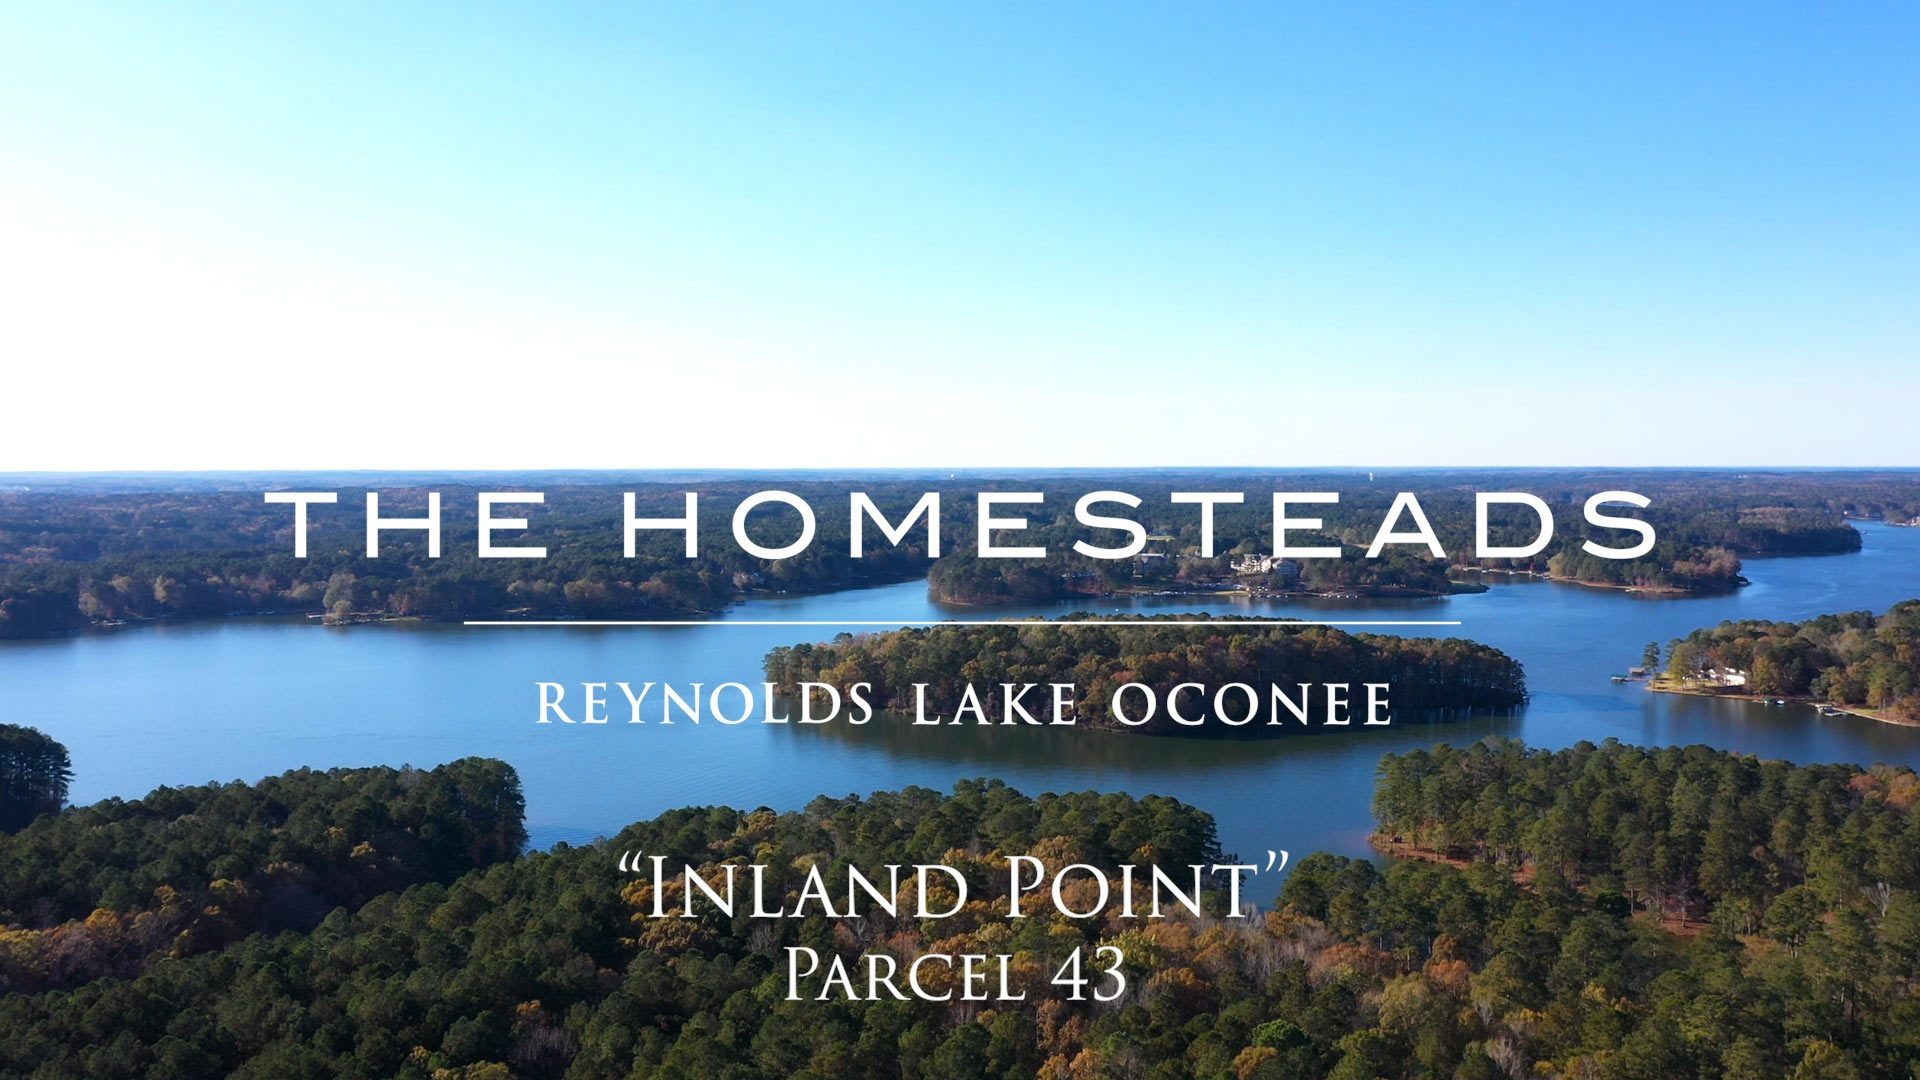 Parcel 43 Indland Point Title Slide